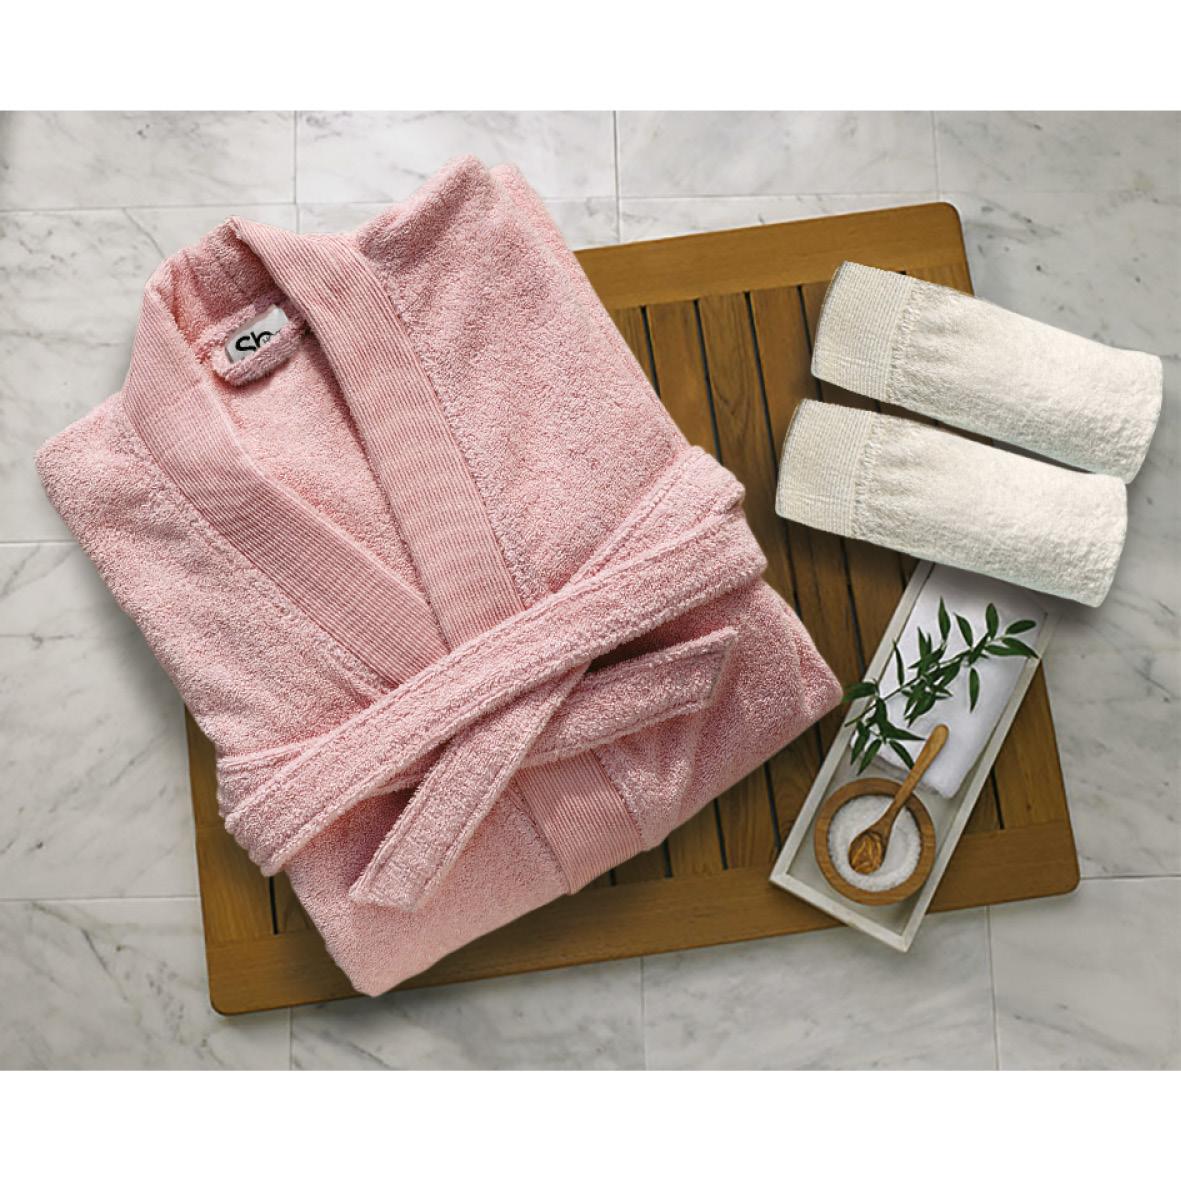 Μπουρνούζι Με Γιακά Βαμβακερό Extra Large Elegante Pink Sb home (Ύφασμα: Βαμβάκι 100%) – Sb home – 5206864061101